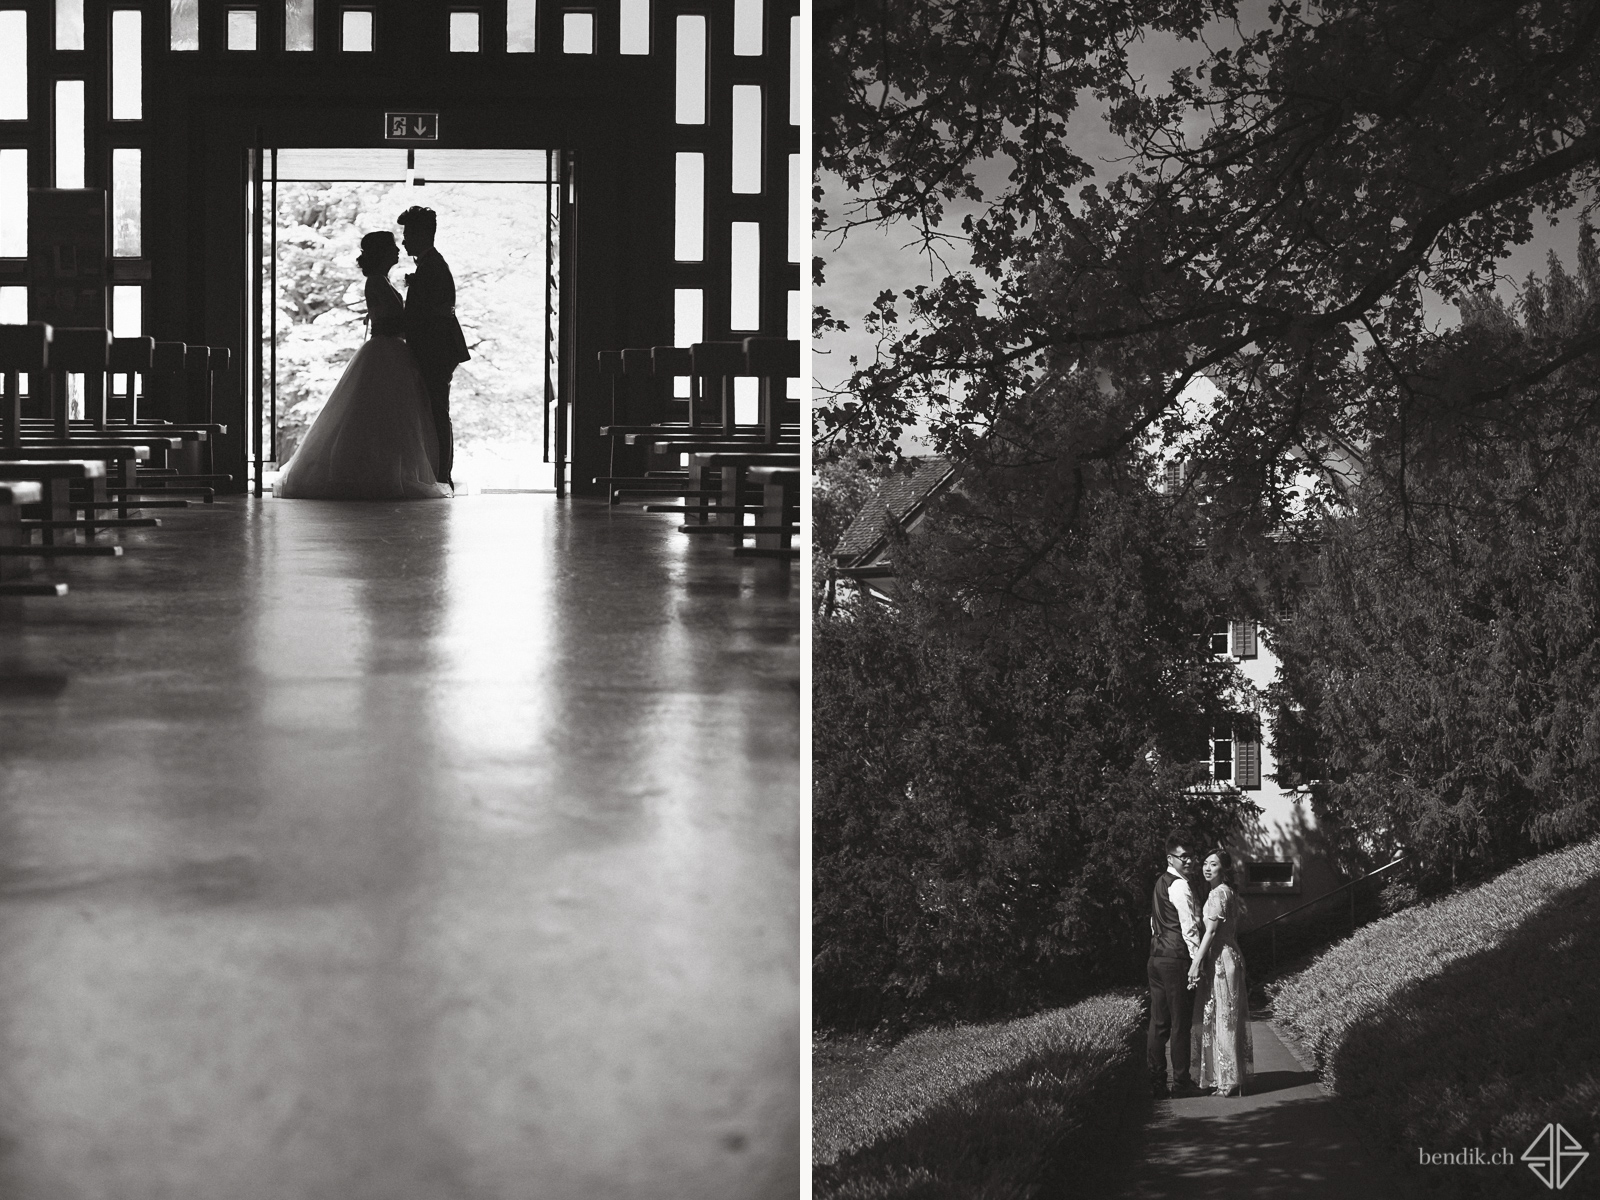 Schwarz-weiss Aufnahmen des Brautpaars